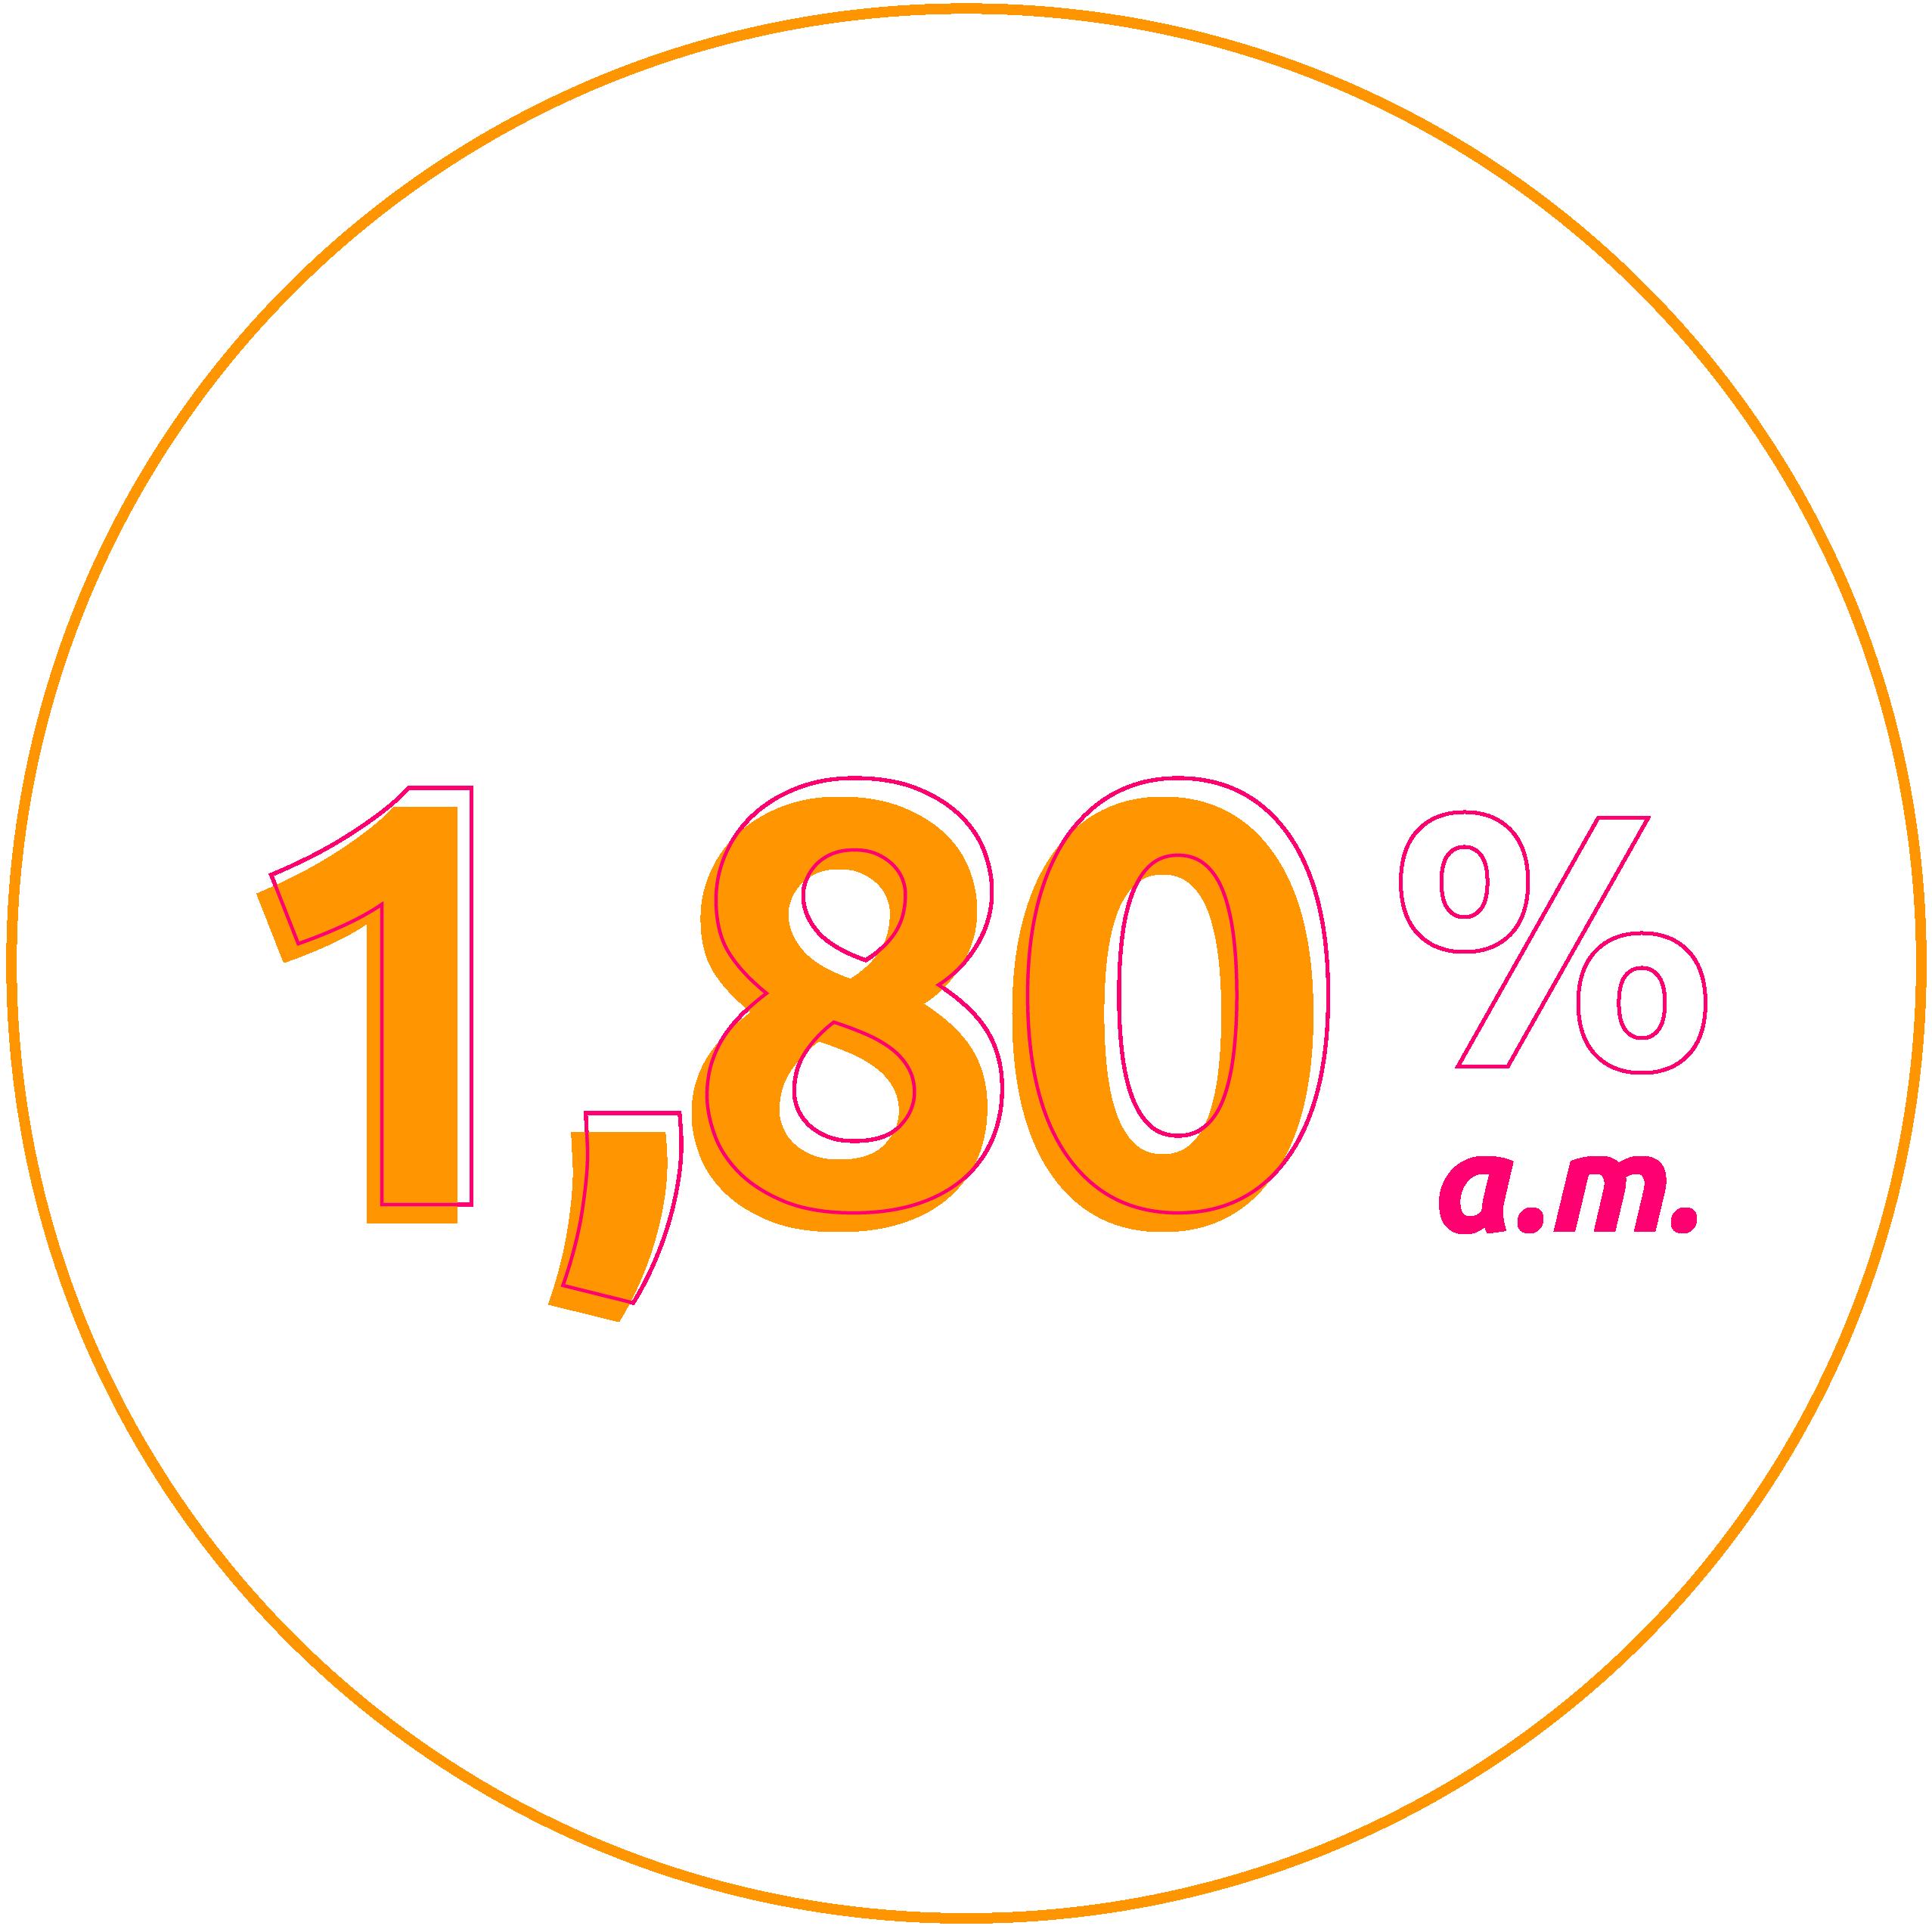 Taxa de 1,50% ao mês